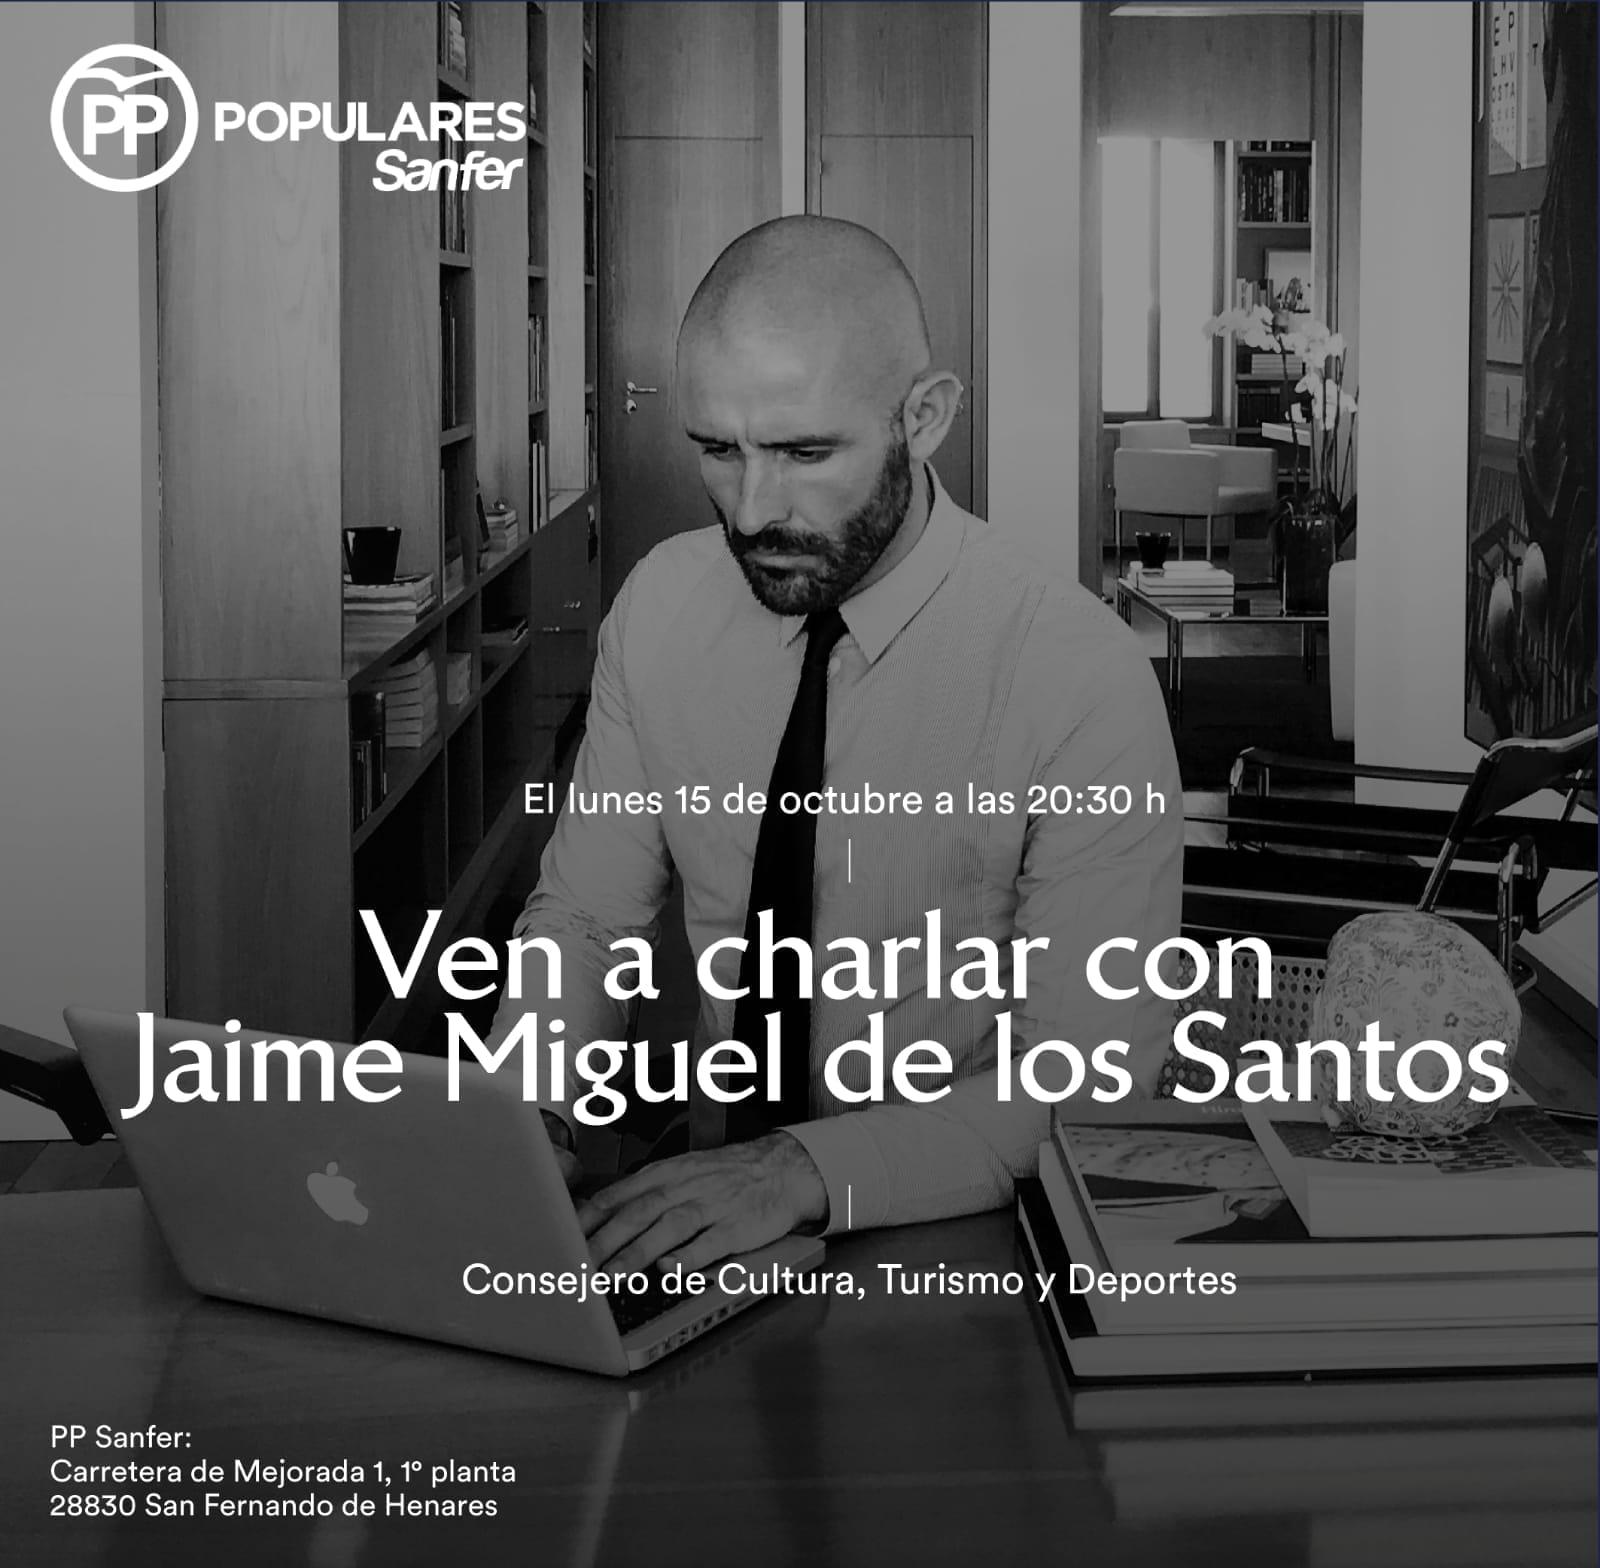 El PP de San Fernando de Henares organiza en su sede, una charla-coloquio el Lunes 15 de Octubre con el  Consejero de Cultura, Turismo y Deportes, Jaime M. de los Santos.